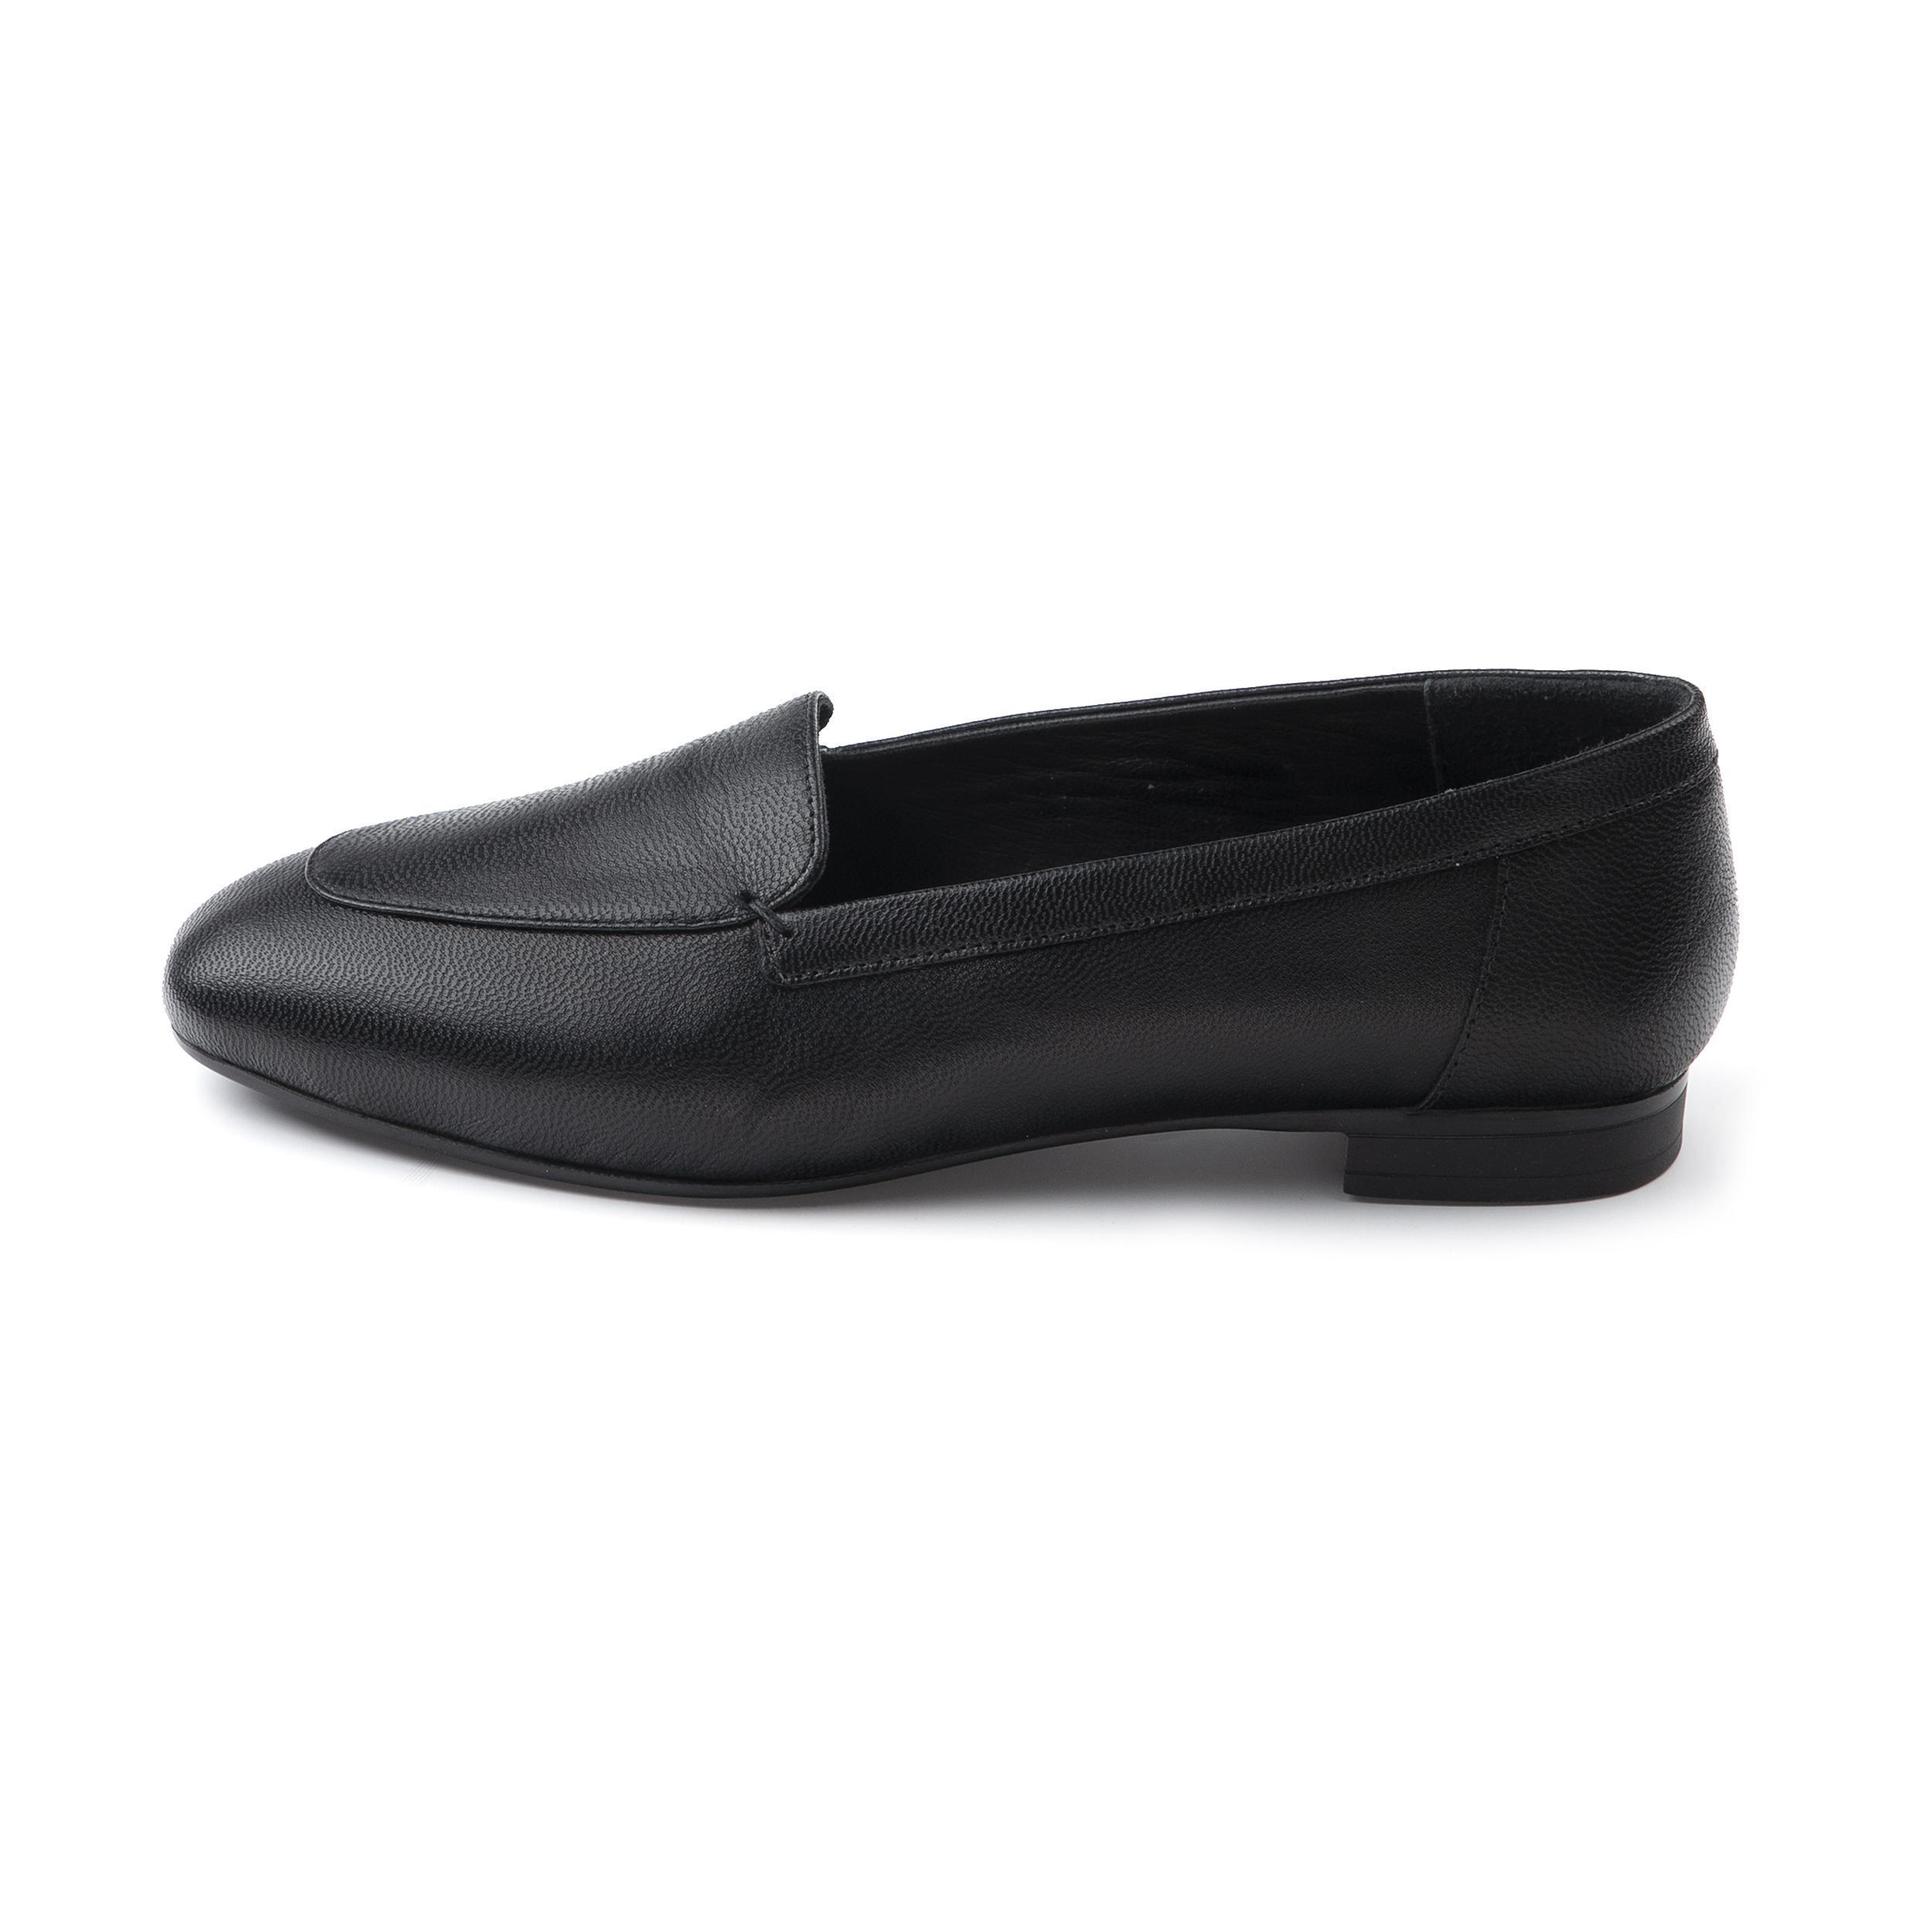 کفش زنانه آلدو مدل 122011136-Black